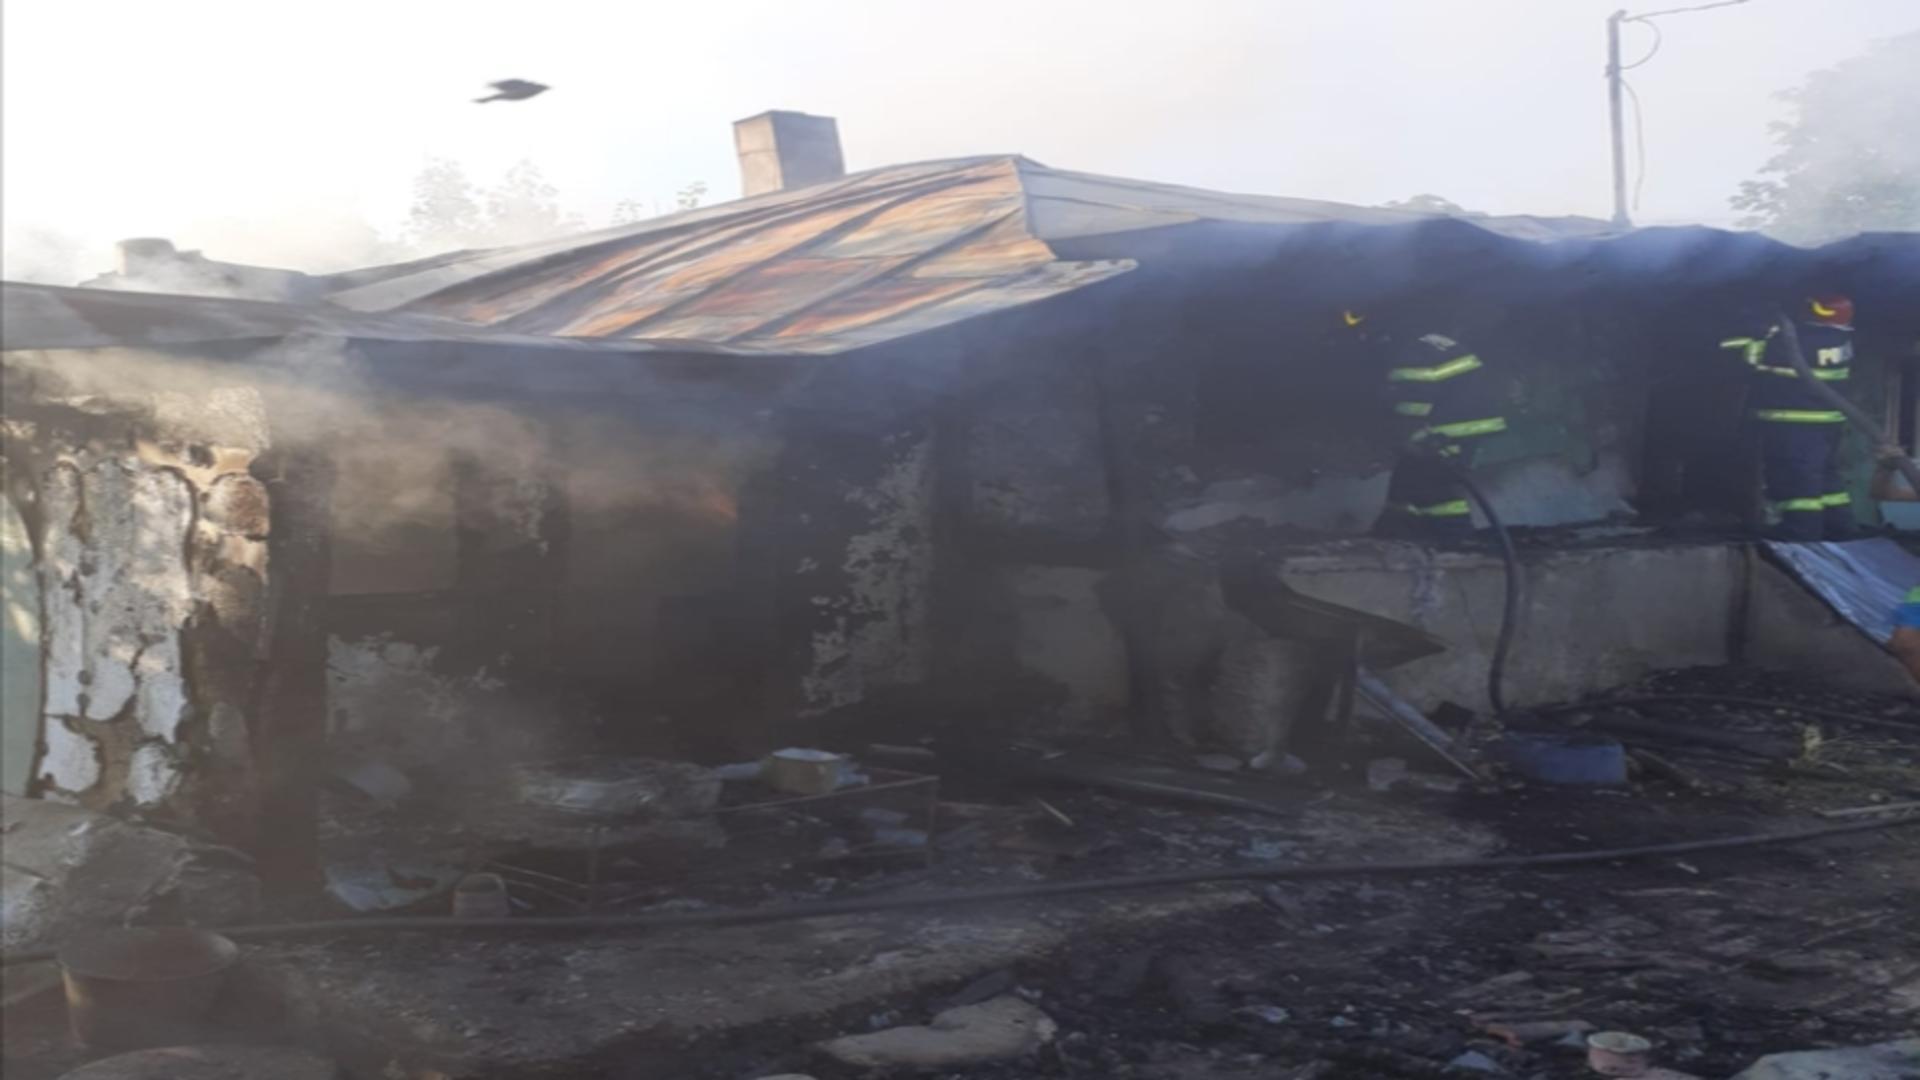 Locuință distrusă de flăcări din cauza unei țigări nestinse, în Vaslui. Foto: Realitatea de Vaslui